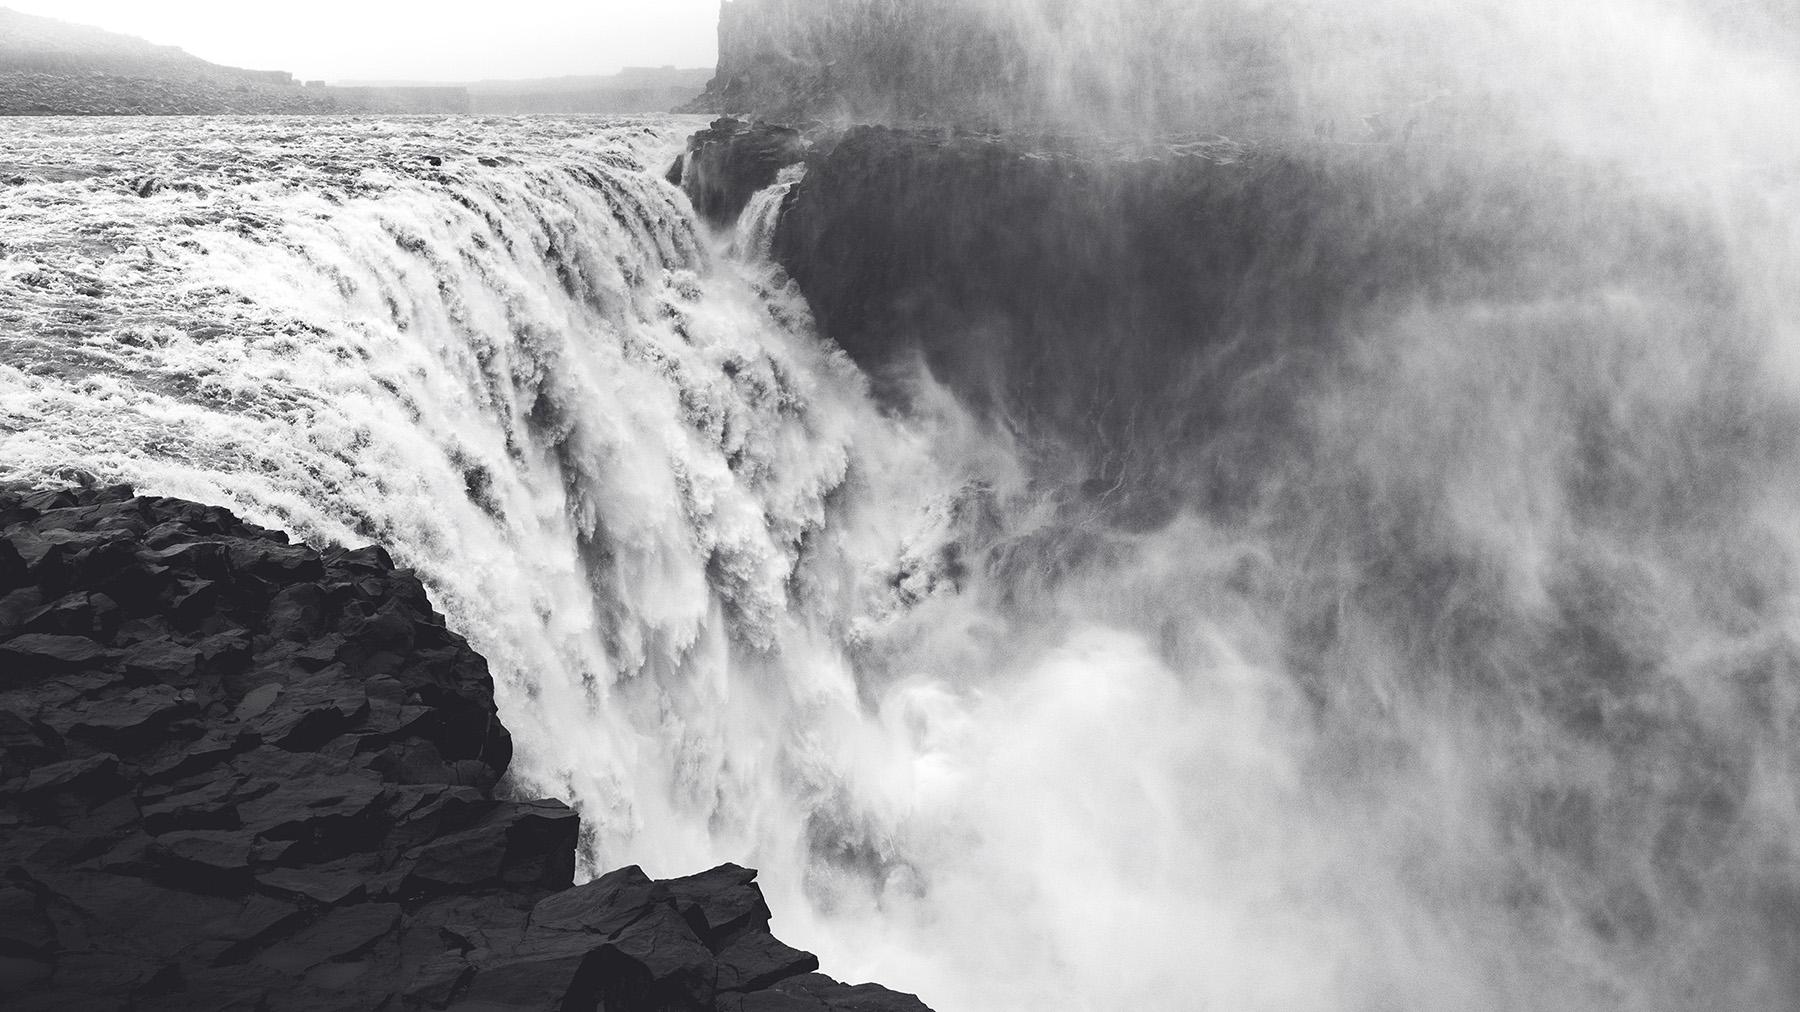 Iceland - Vulkane, Gletscher, Geysire